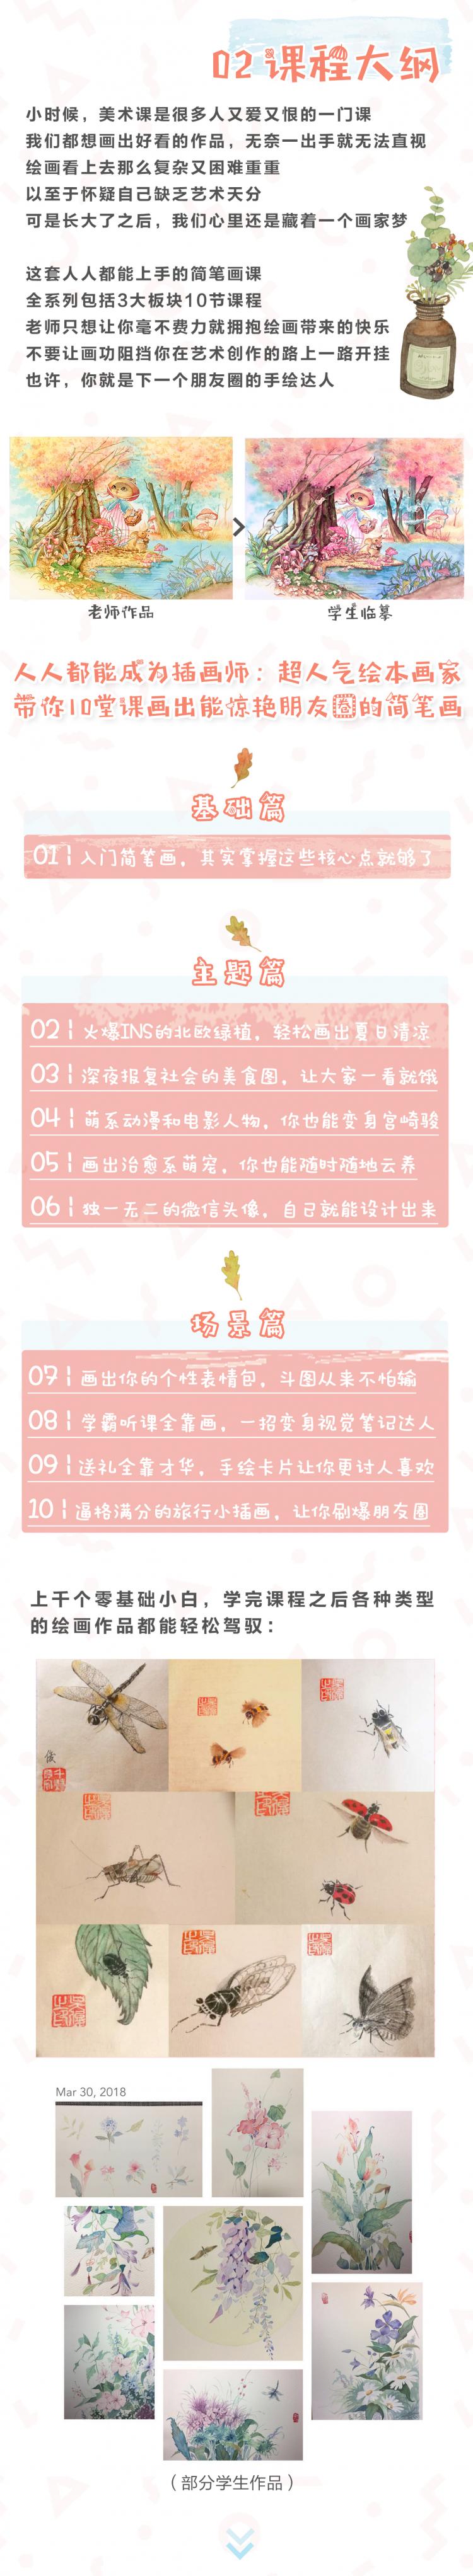 简笔画课详情页_02.jpg